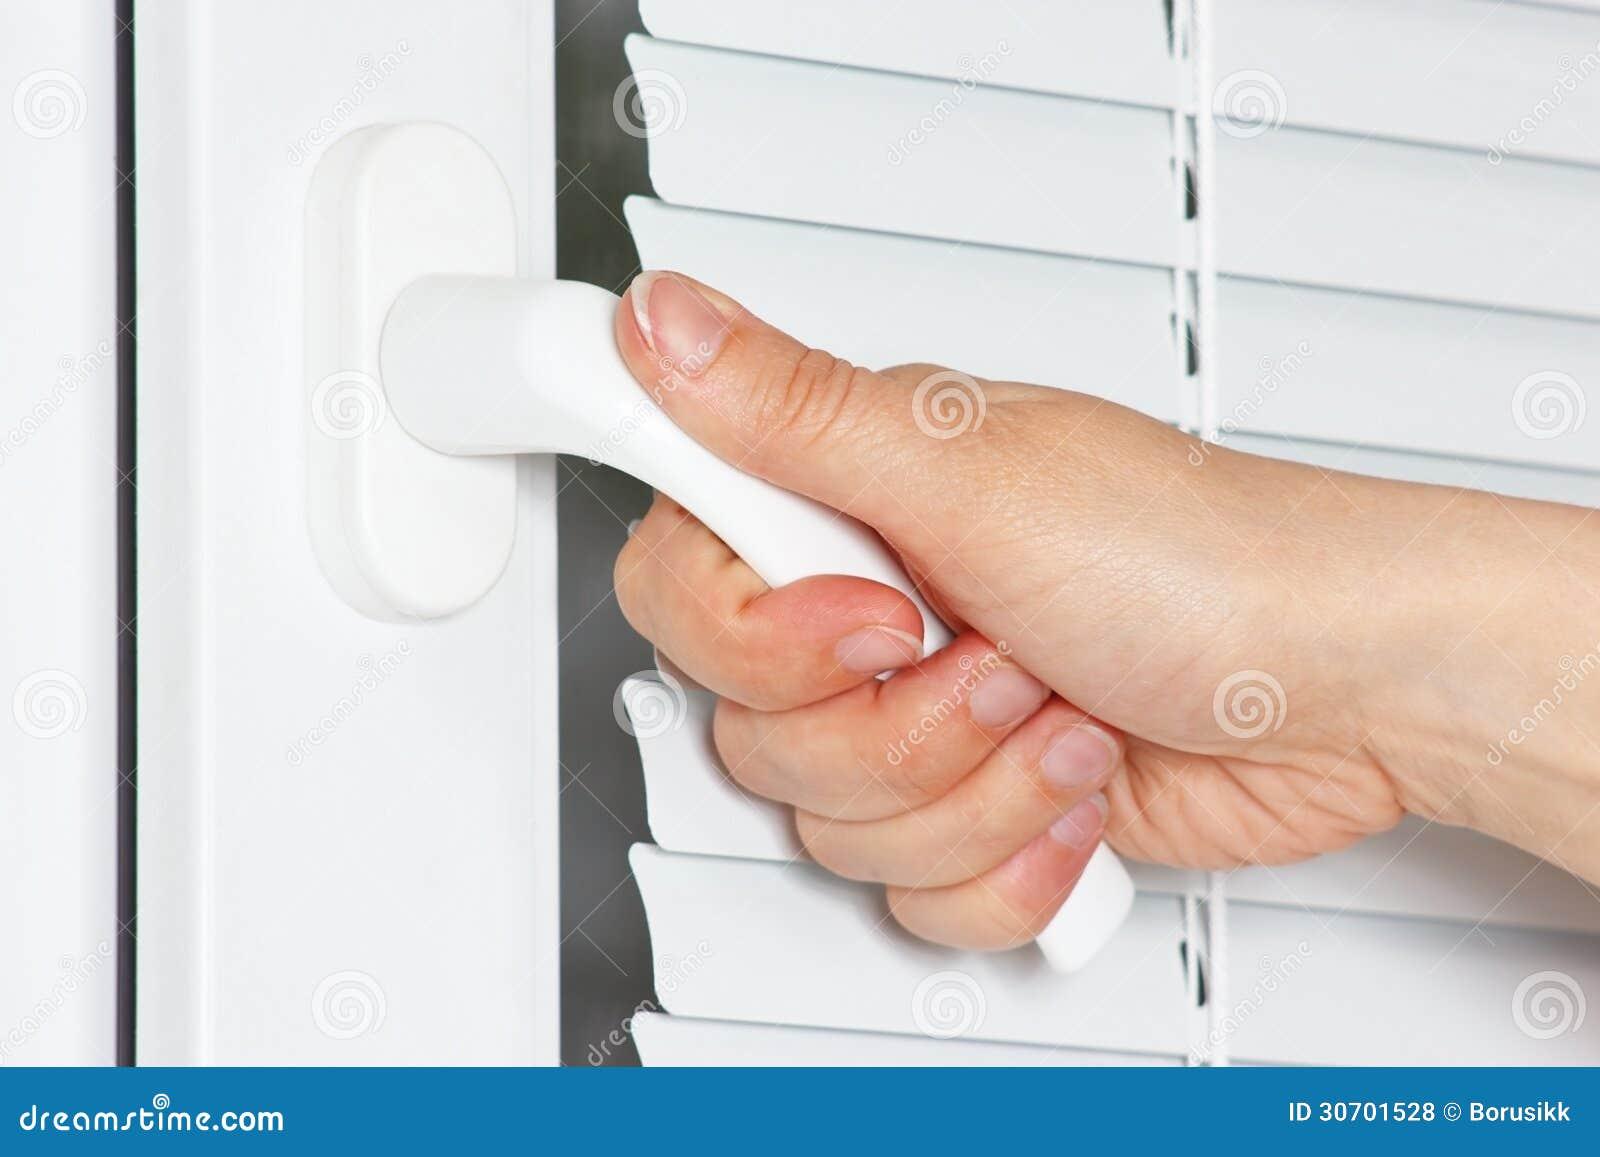 La main ouvre la fen tre en plastique blanche avec la jalousie for Jonas ouvre la fenetre